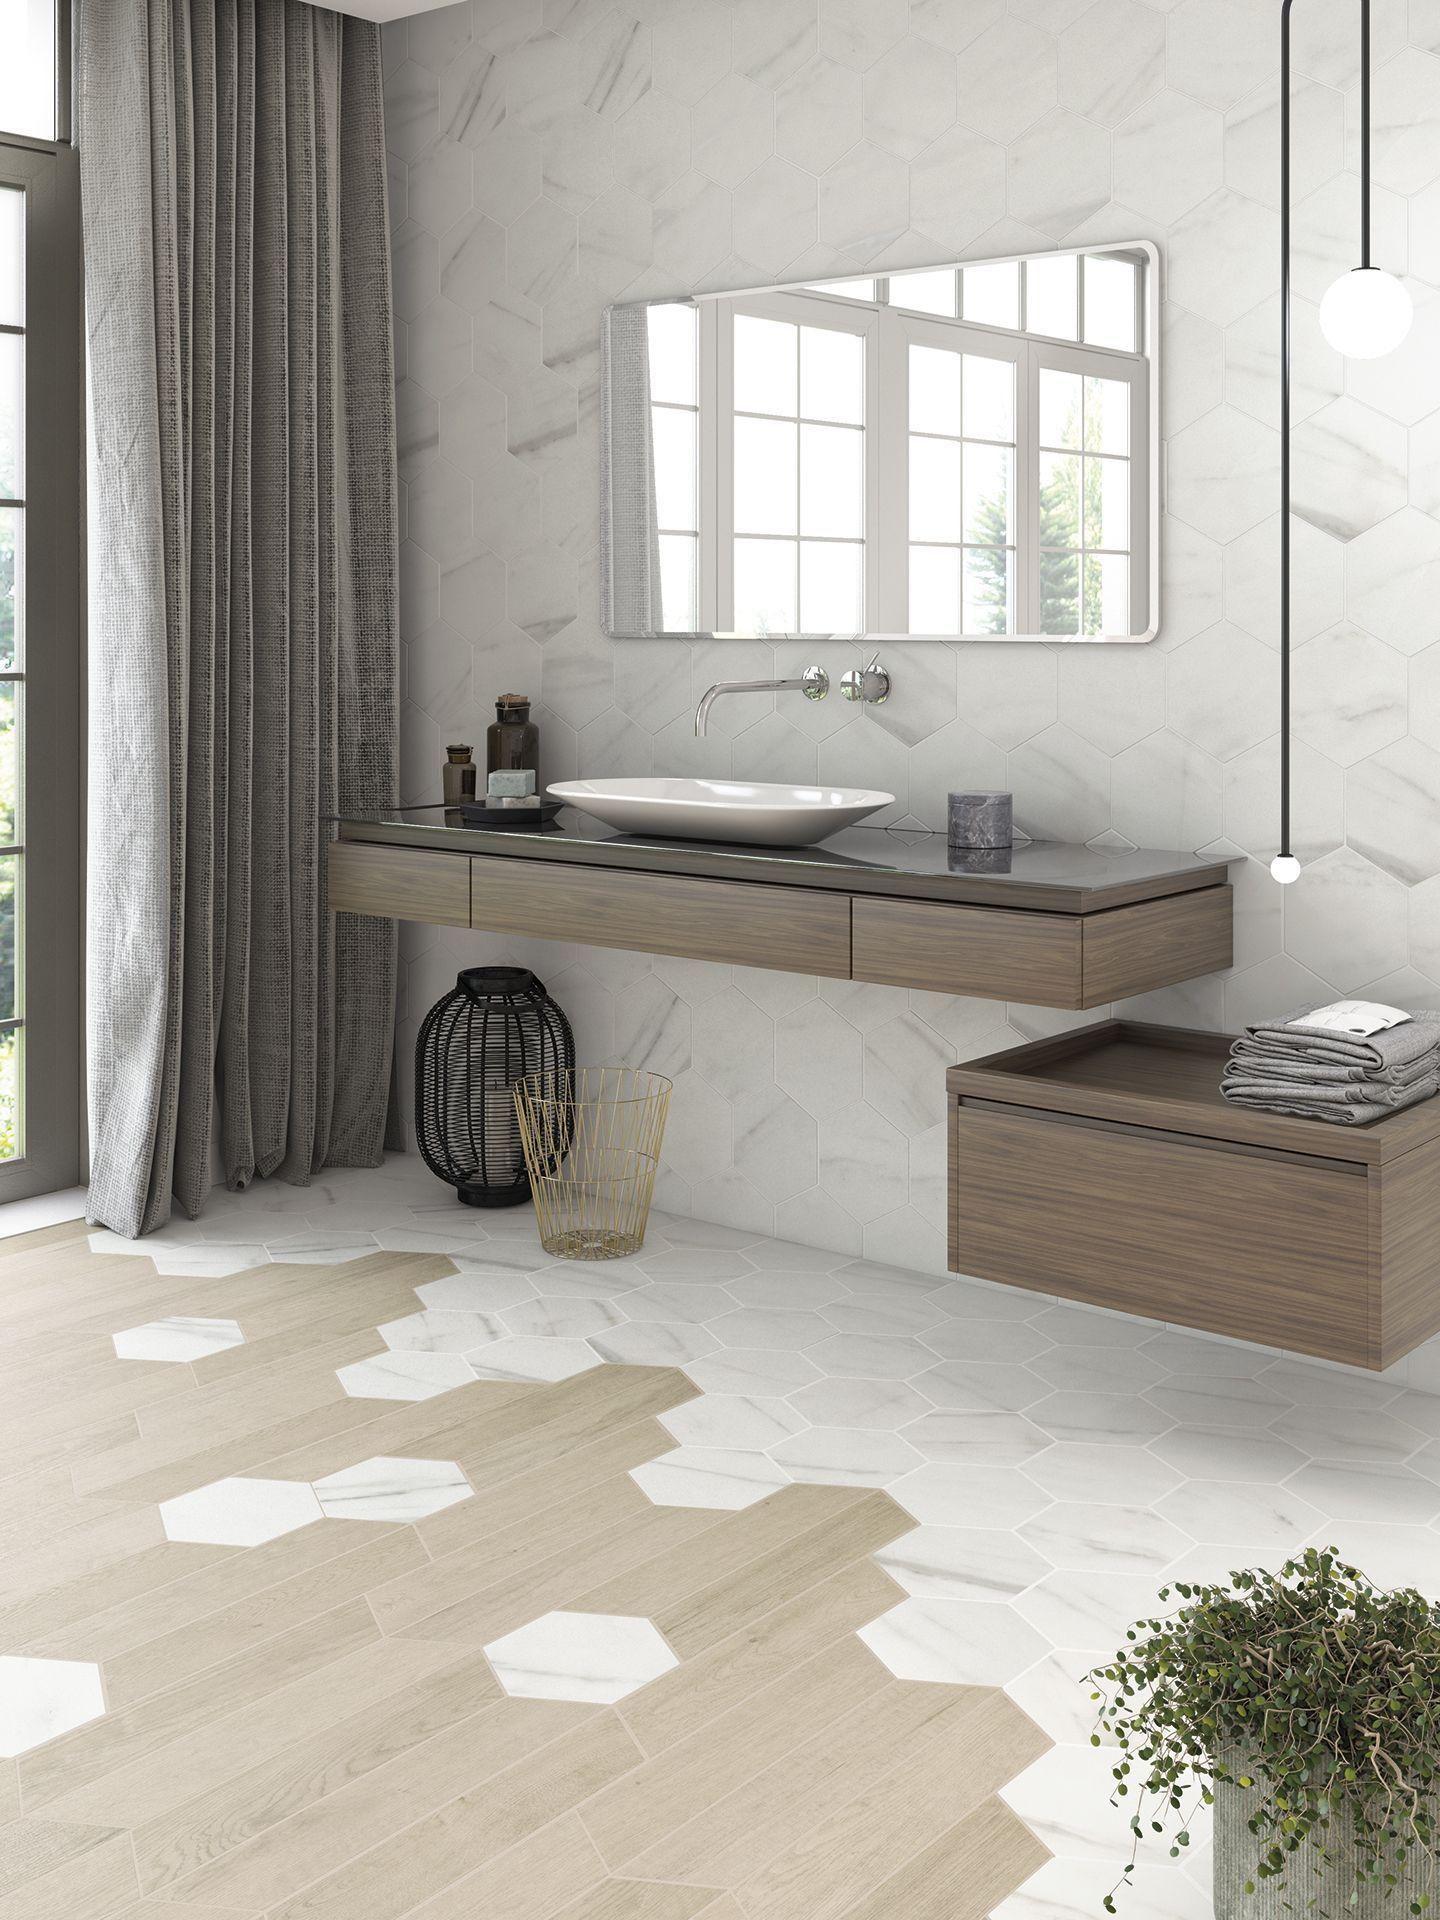 15 Schone Badezimmer Mit Regendusche Dekorations Design Salle